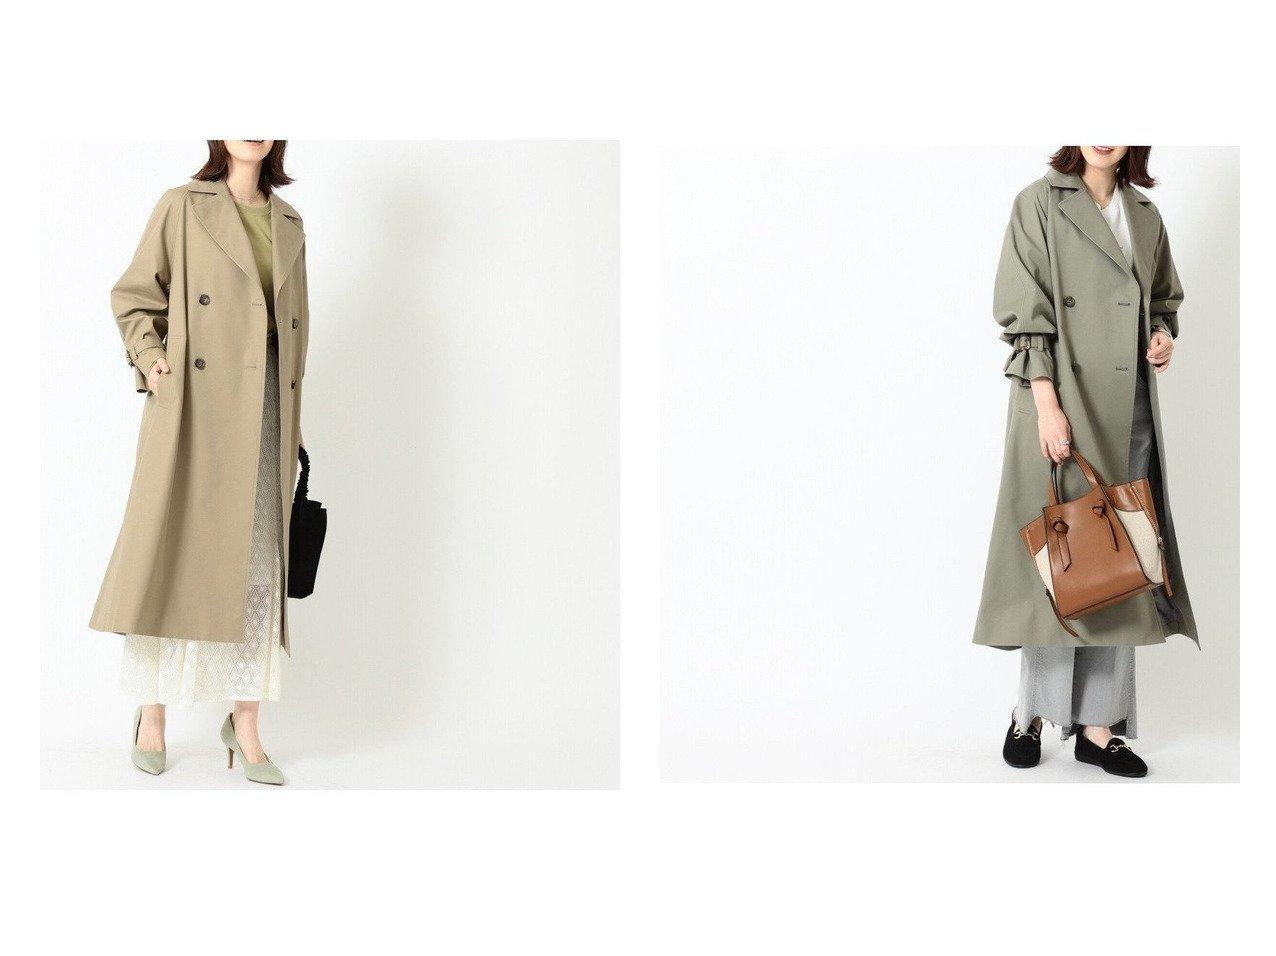 【B:MING by BEAMS/ビーミング by ビームス】のオーバー トレンチコート 21SS アウターのおすすめ!人気、トレンド・レディースファッションの通販  おすすめで人気の流行・トレンド、ファッションの通販商品 メンズファッション・キッズファッション・インテリア・家具・レディースファッション・服の通販 founy(ファニー) https://founy.com/ ファッション Fashion レディースファッション WOMEN アウター Coat Outerwear コート Coats ジャケット Jackets トレンチコート Trench Coats 2021年 2021 2021 春夏 S/S SS Spring/Summer 2021 S/S 春夏 SS Spring/Summer おすすめ Recommend ジャケット ベーシック マニッシュ 定番 Standard 春 Spring |ID:crp329100000024555